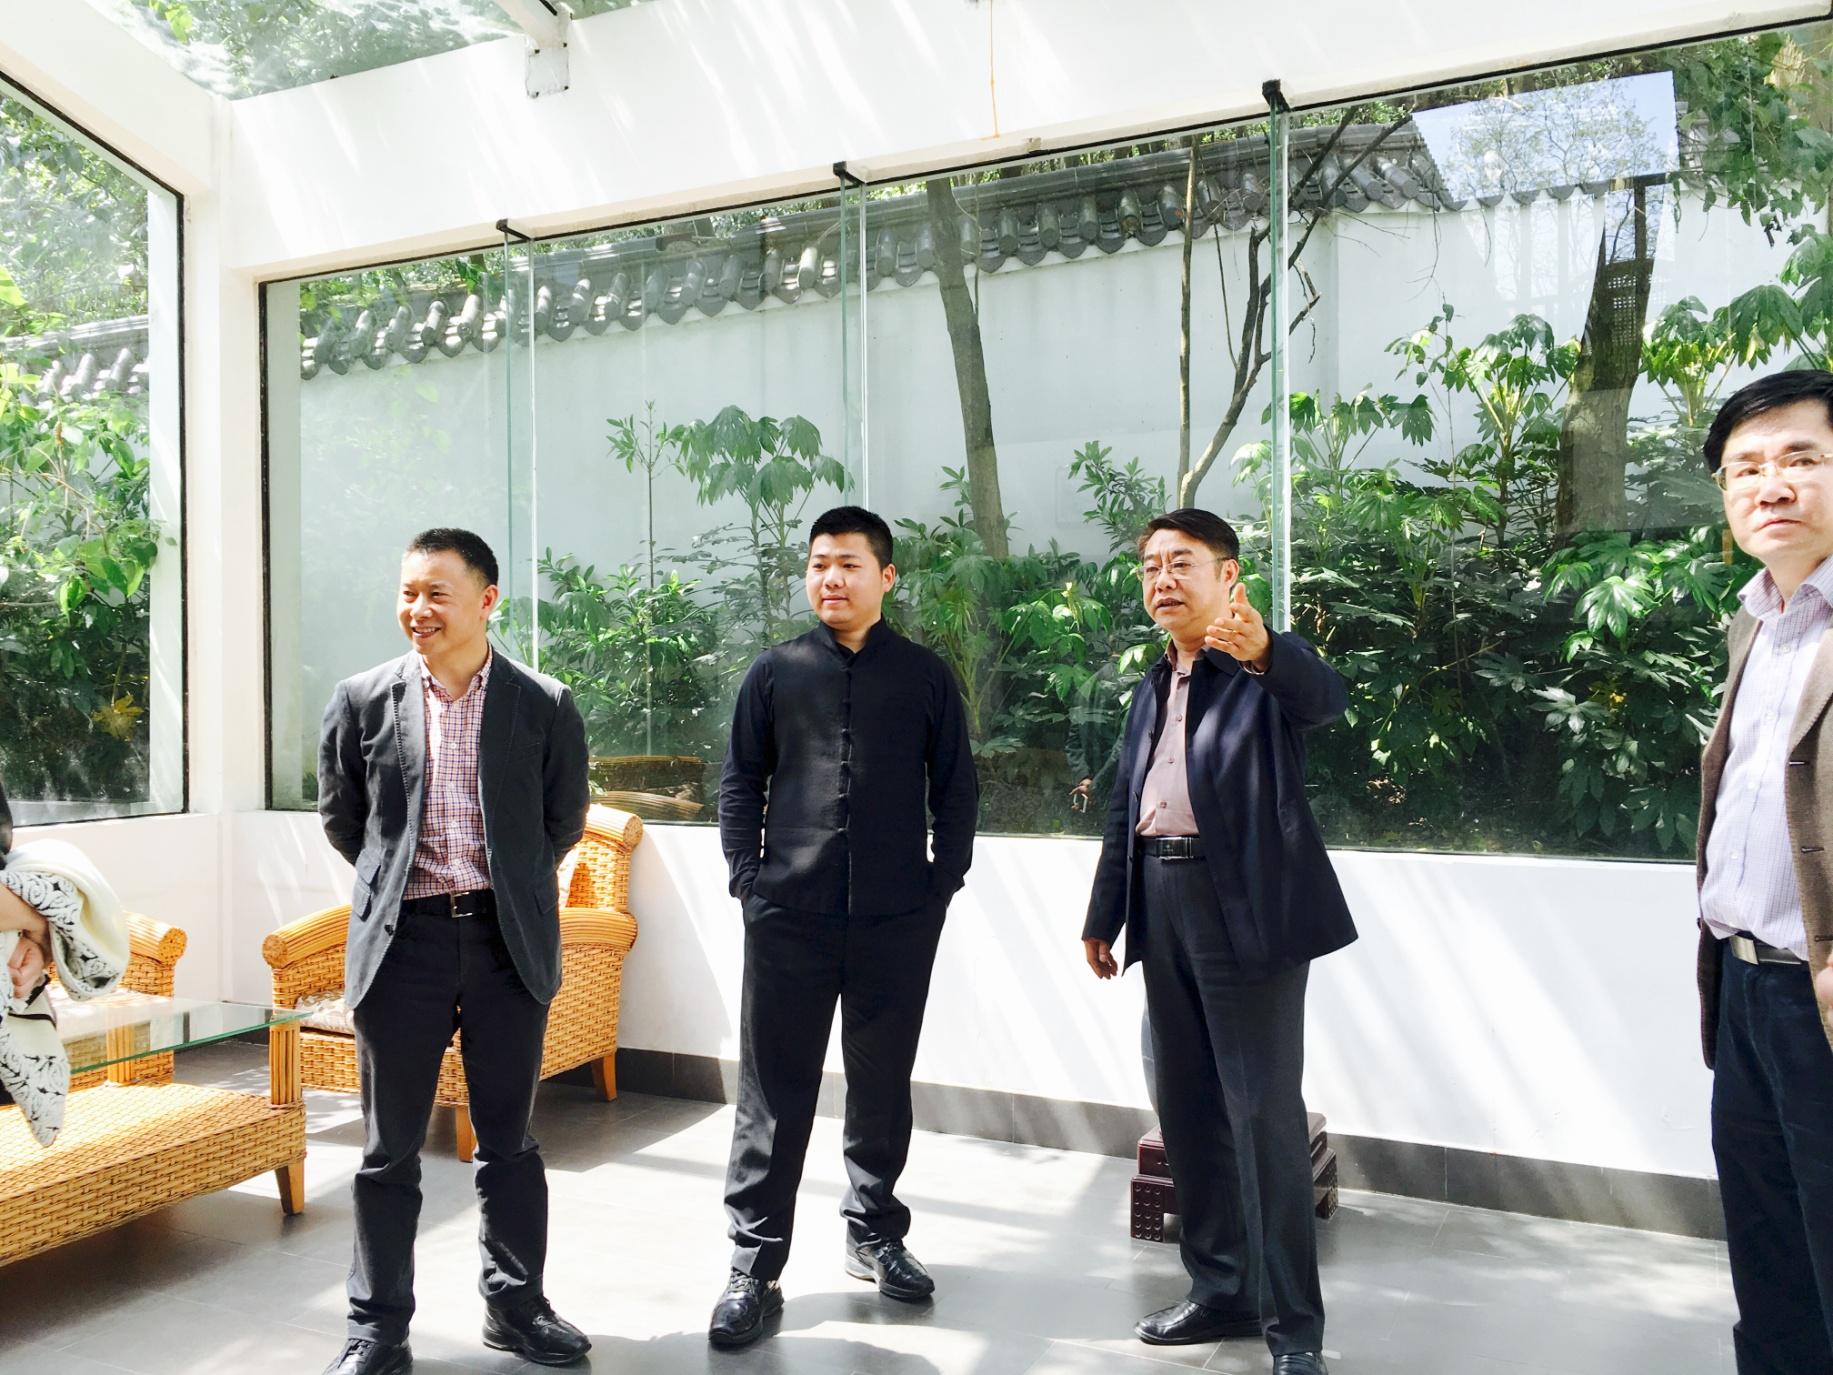 易玄先生访问贵州大学 贵州理工学院